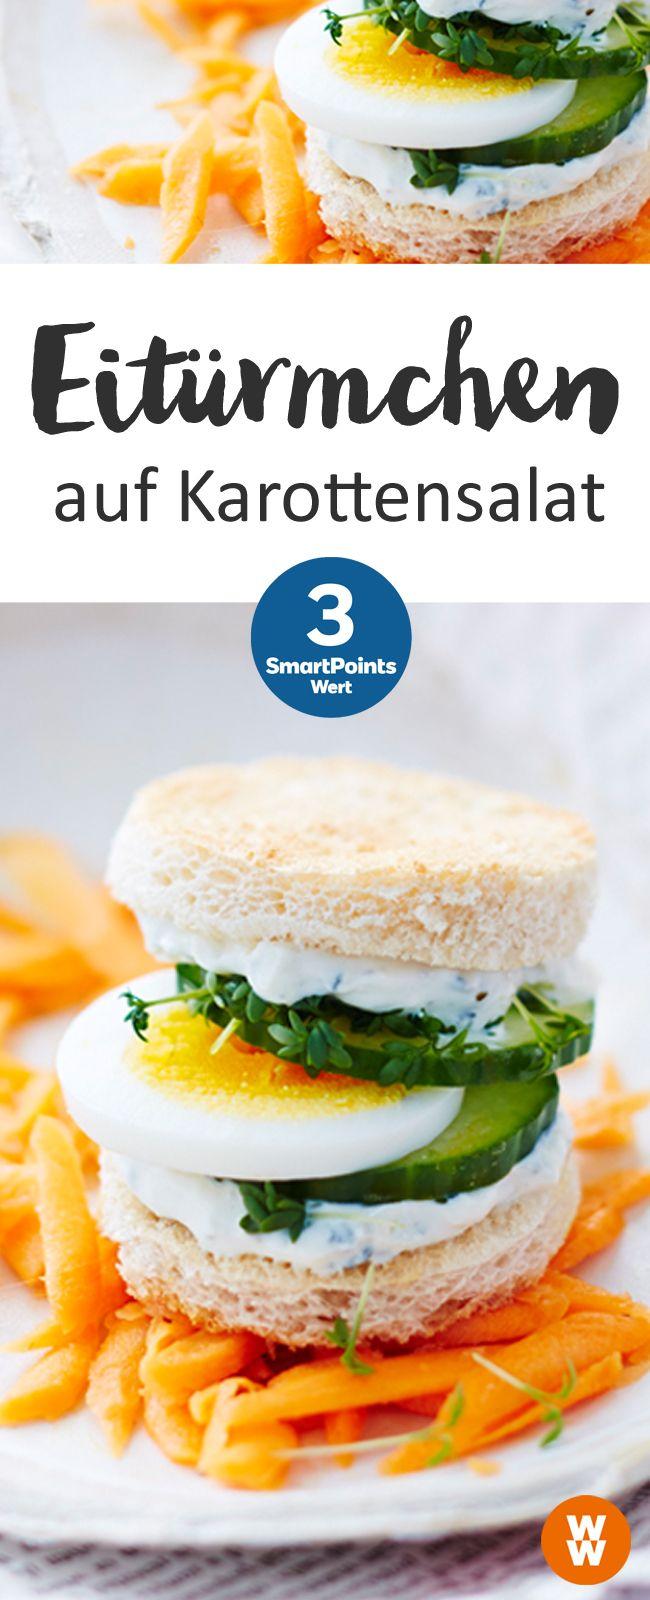 Eitürmchen auf Karottensalat | 12 Portionen, 3 SmartPoints/Portion, Weight Watchers, Frühstück, in 25 min. fertig